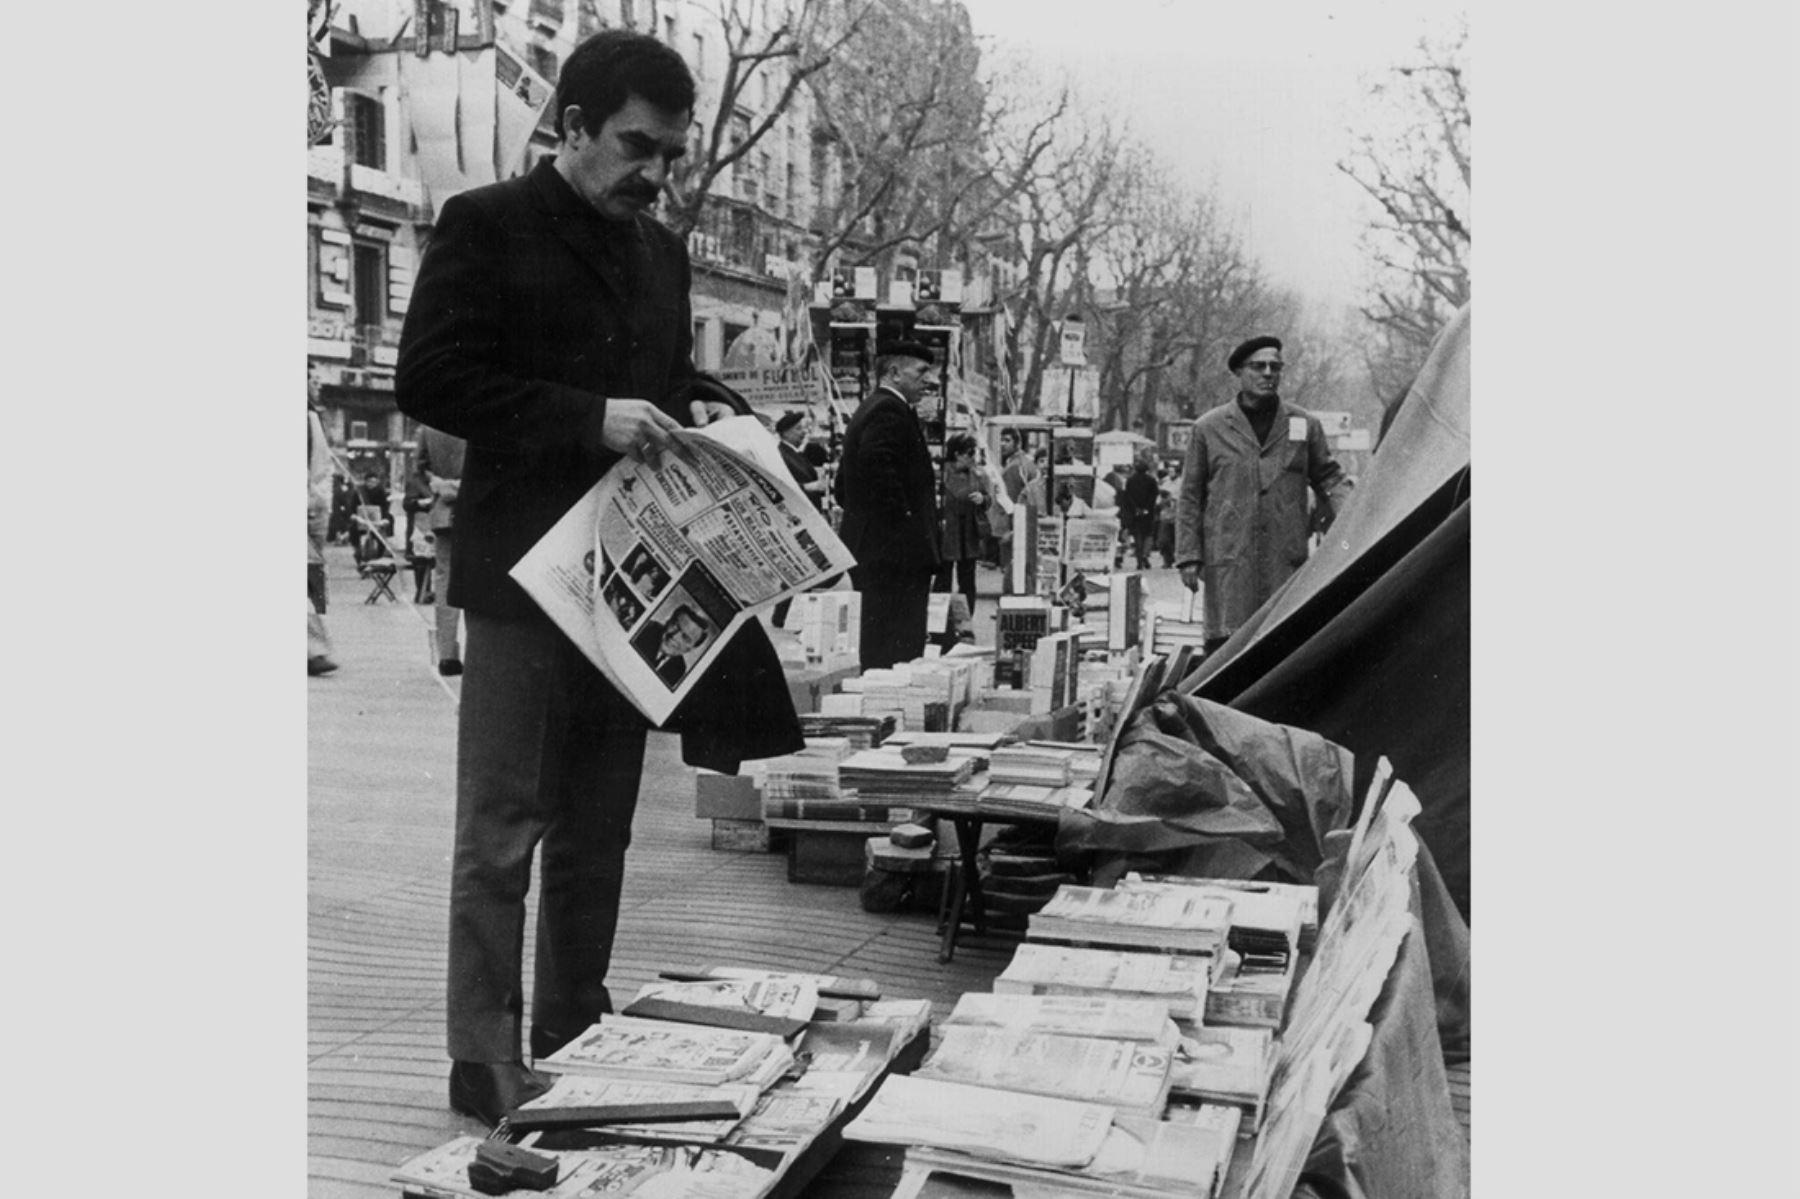 Barcelona - 11 febrero 1970 / El escritor colombiano Gabriel García Márquez posando en Las Ramblas de Barcelona, durante la entrevista que concedió a la Agencia Efe.  Foto: EFE